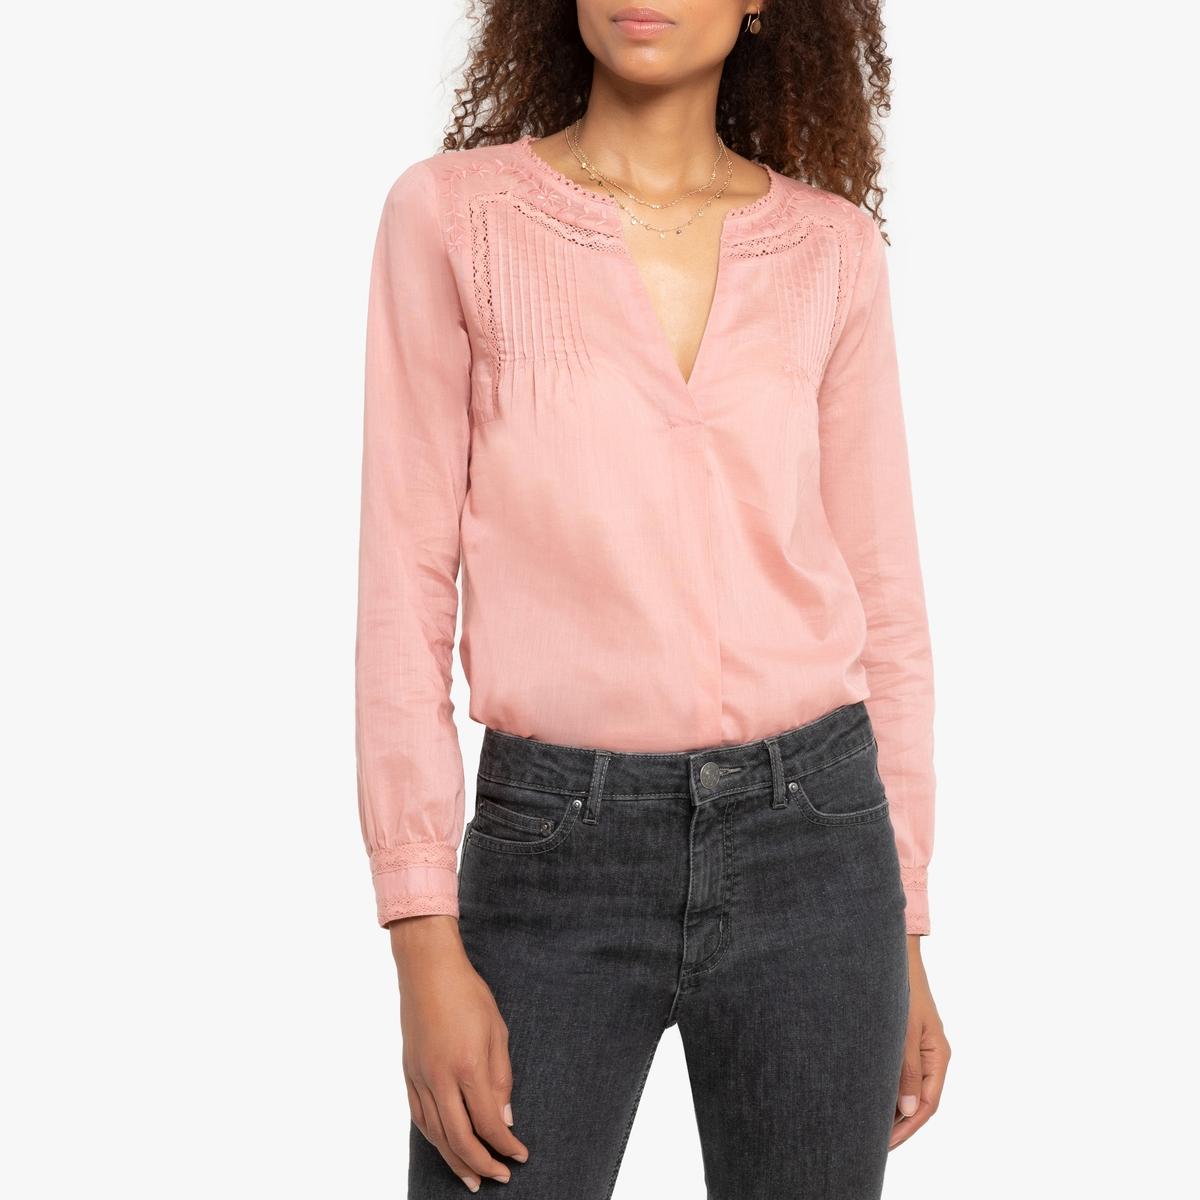 Блузка La Redoute С длинными рукавами и круглым вырезом с разрезом спереди Tolaa L розовый блузка с круглым вырезом графическим рисунком и длинными рукавами